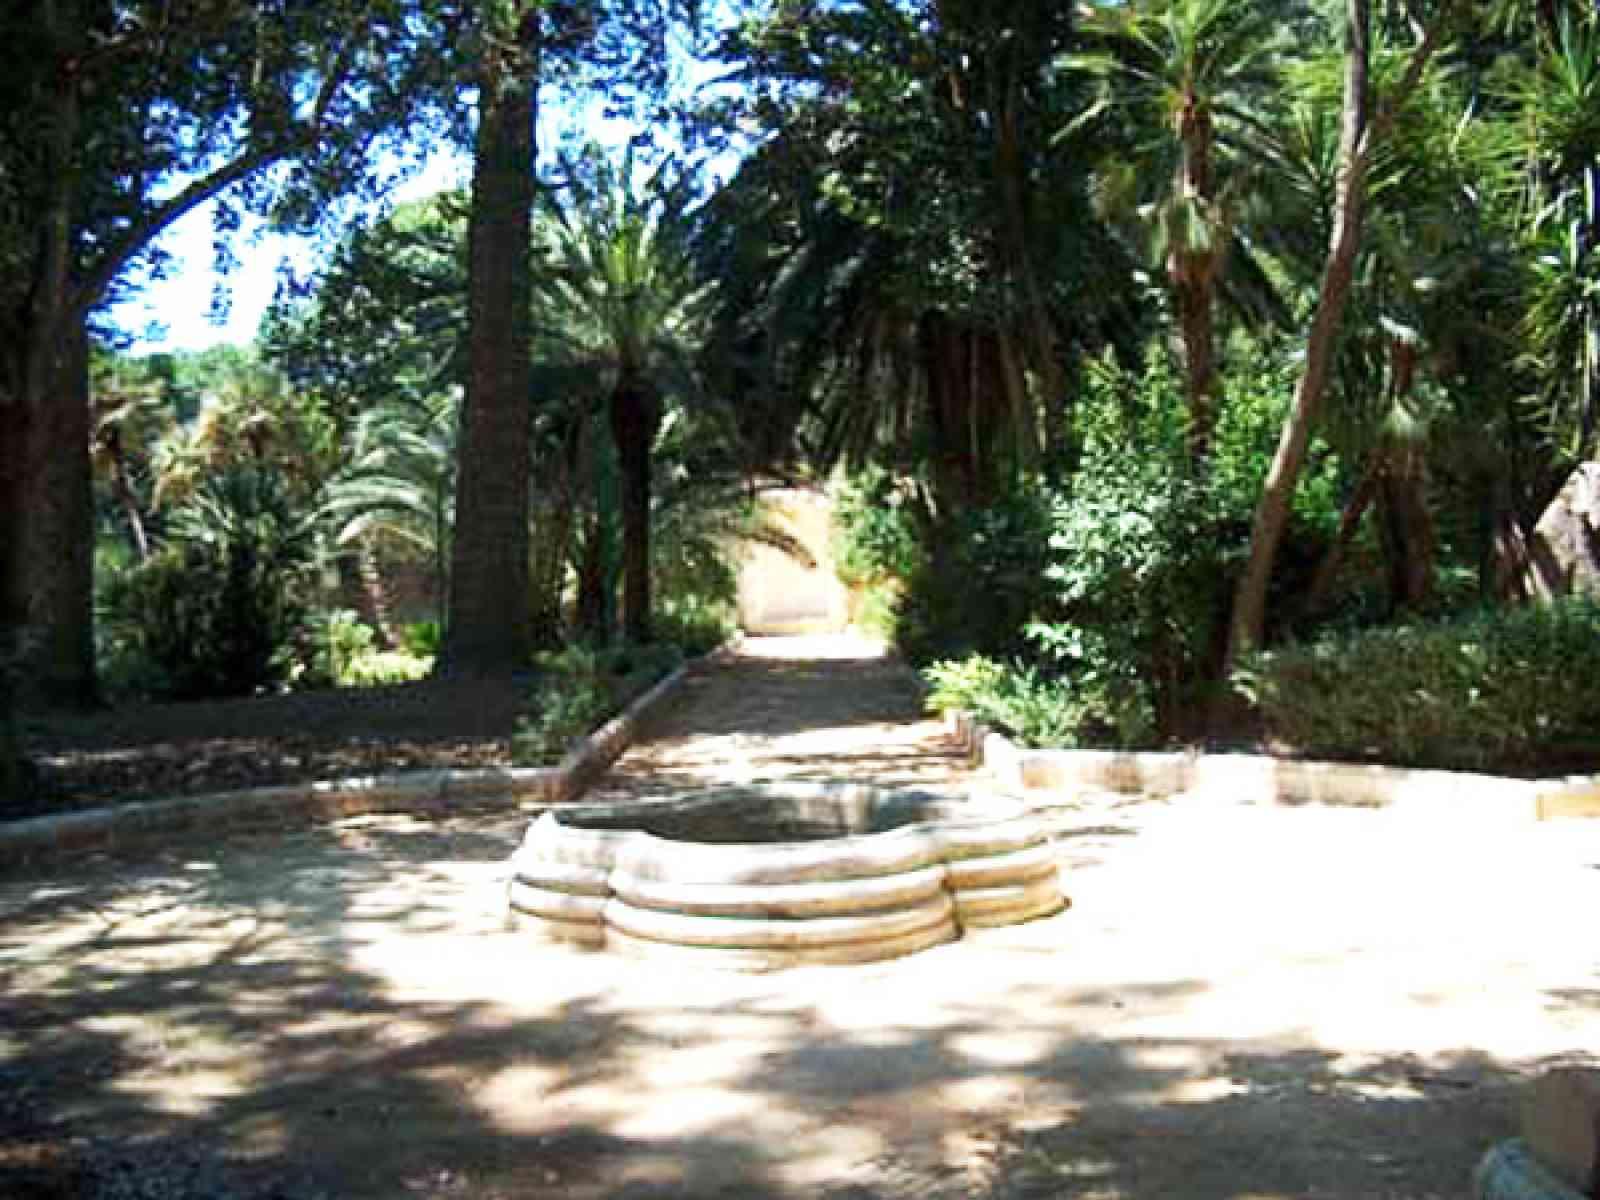 Immagine articolo: S. Margherita, alla scoperta della Villa del Gattopardo. Dal XVIII ad oggi un esempio di bellezza che ancora oggi stupisce turisti e non solo